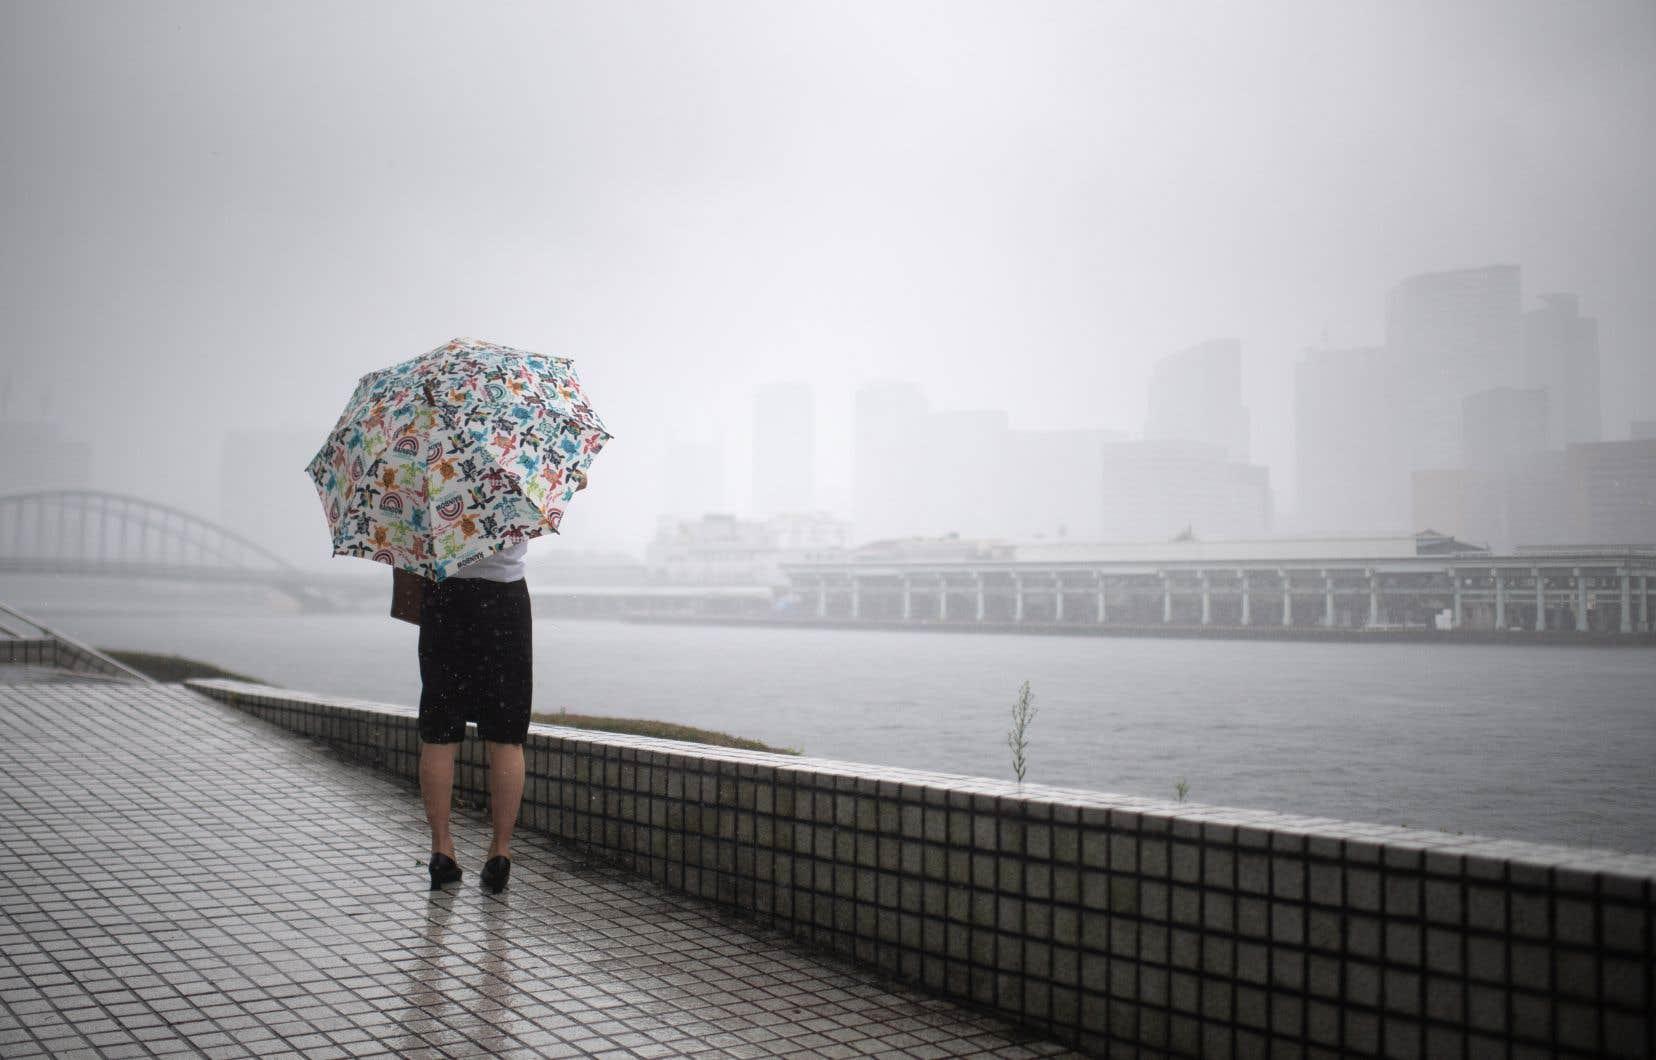 Le Japon, actuellement dans la saison des typhons, est régulièrement frappé par d'importantes tempêtes durant l'été et l'automne.